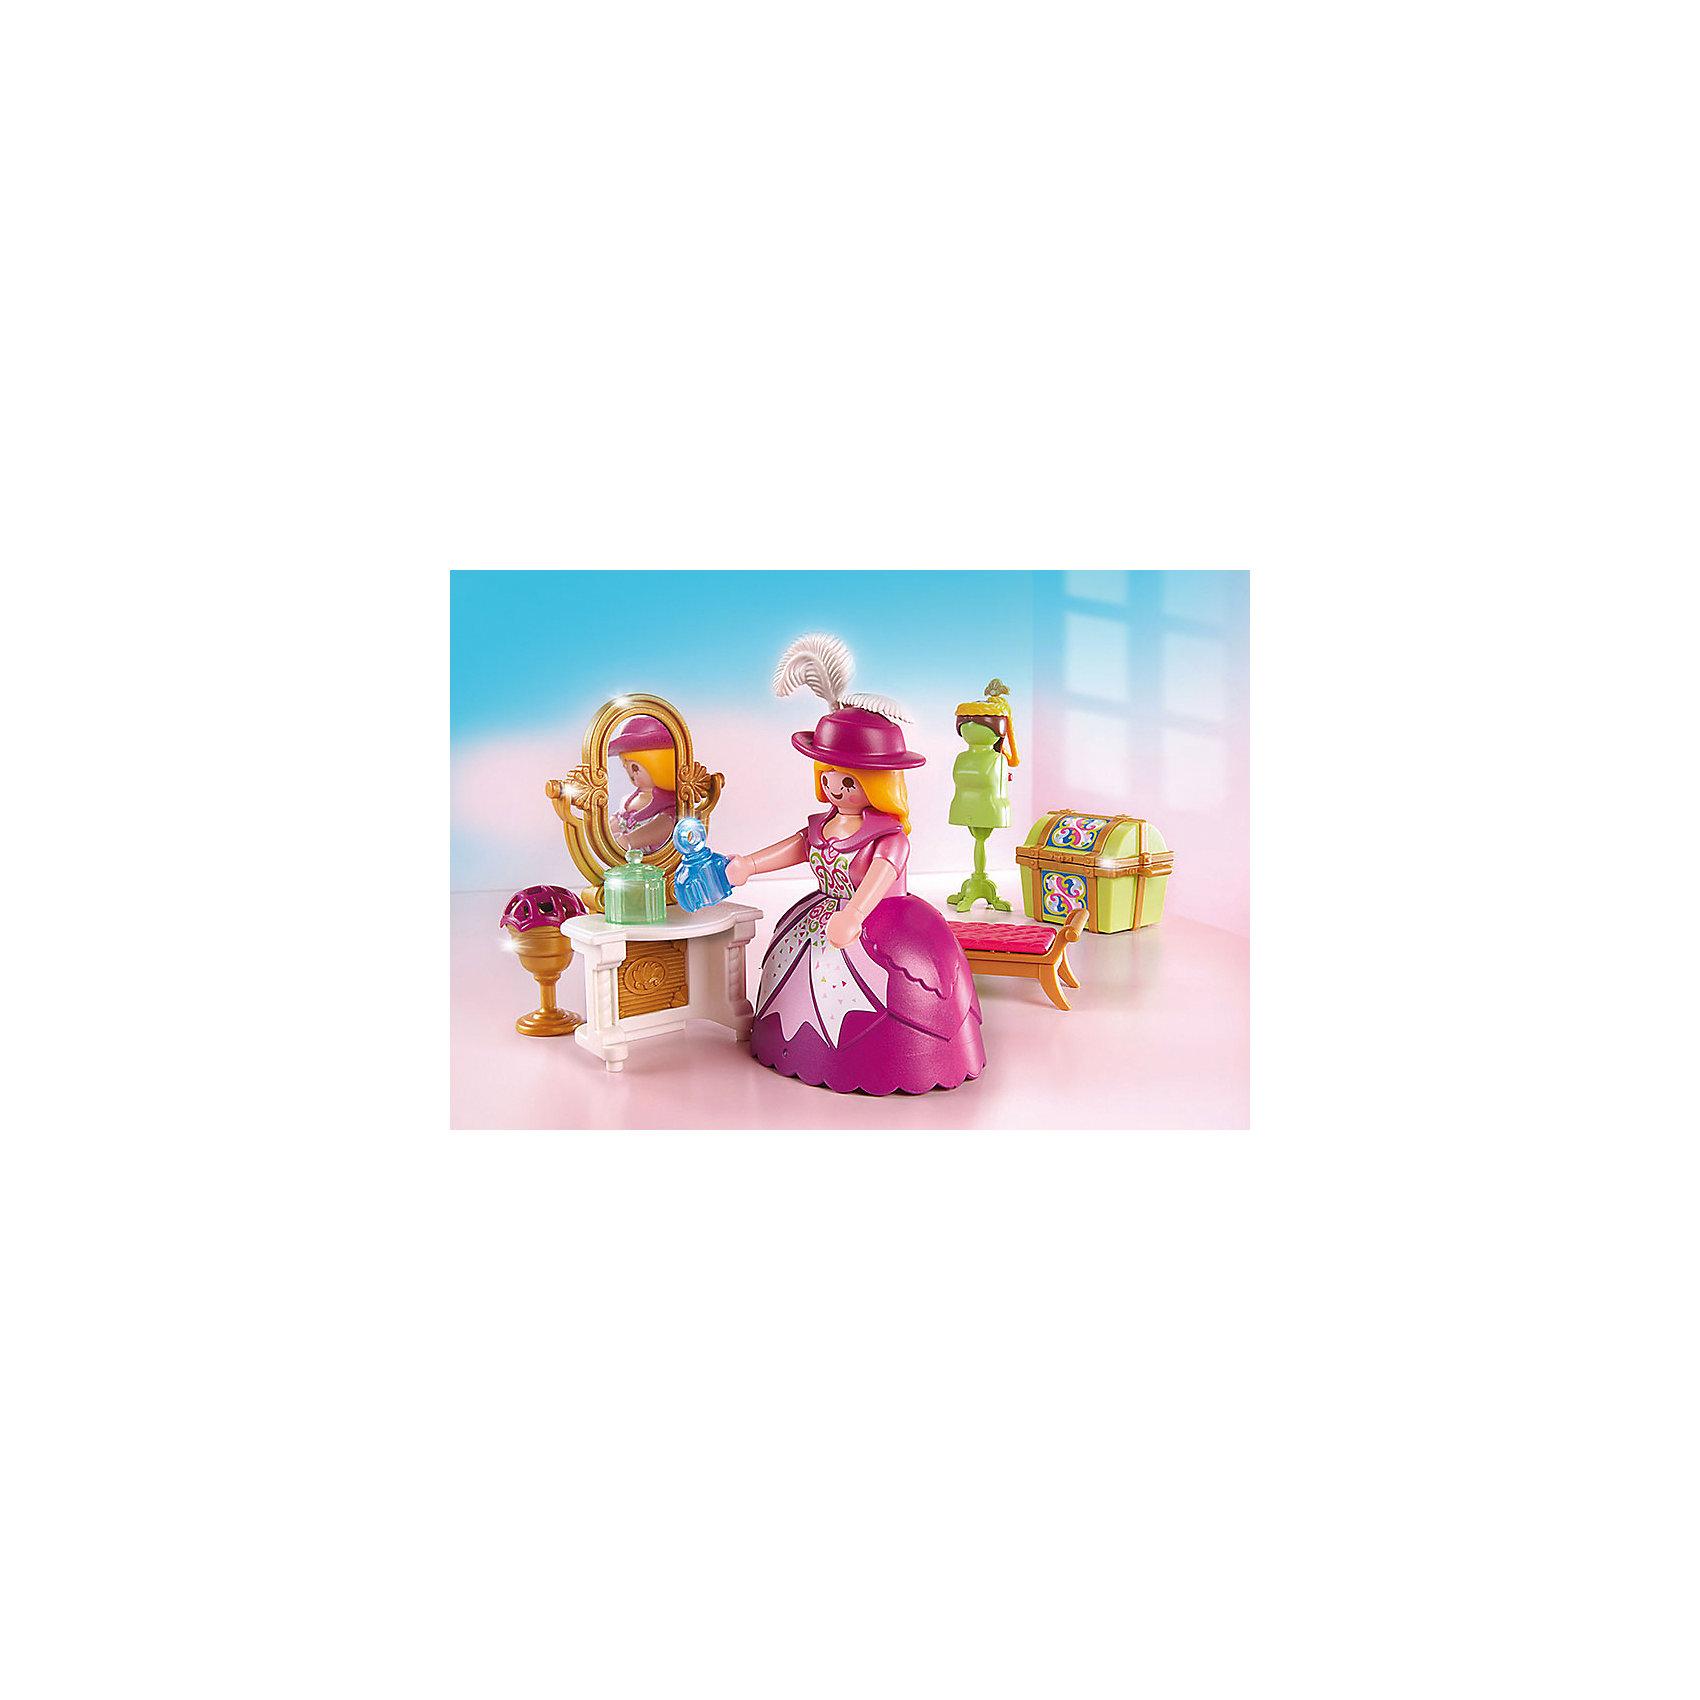 Сказочный дворец: Королевская гардеробная комната, PLAYMOBILПластмассовые конструкторы<br>Сказочный дворец: Королевская гардеробная комната, PLAYMOBIL (Плеймобиль).<br><br>Характеристики:<br><br>• Размер упаковки: 20х15х7,5 см.<br>• Цвет: розовый,золотой.<br>• Материал: пластик.<br>В набор входит:<br>- фигурка принцессы<br>- трюмо с зеркалом<br>- небольшой сундучок для драгоценностей и духов<br>- большой сундук для туалетов и шляп принцессы<br>- табурет перед зеркалом<br>- манекен для одежды<br>- напольный подсвечник со свечами.<br><br>Королевская гардеробная комната Playmobil – замечательный  игровой набор для маленьких девочек. Принцесса готовится к балу, встрече  с принцем и ей нужно  привести себя в порядок! Шикарное трюмо, духи и драгоценности помогут ей в этом. Гардеробную комнату необходимо собрать из деталей, таким образом, развивается мелкая моторика.<br>Подарите своей маленькой принцессе такой набор!<br><br>Сказочный дворец: Королевская гардеробная комната, PLAYMOBIL (Плеймобиль), можно купить в нашем интернет- магазине.<br><br>Ширина мм: 200<br>Глубина мм: 75<br>Высота мм: 150<br>Вес г: 1700<br>Возраст от месяцев: 48<br>Возраст до месяцев: 2147483647<br>Пол: Женский<br>Возраст: Детский<br>SKU: 5207146